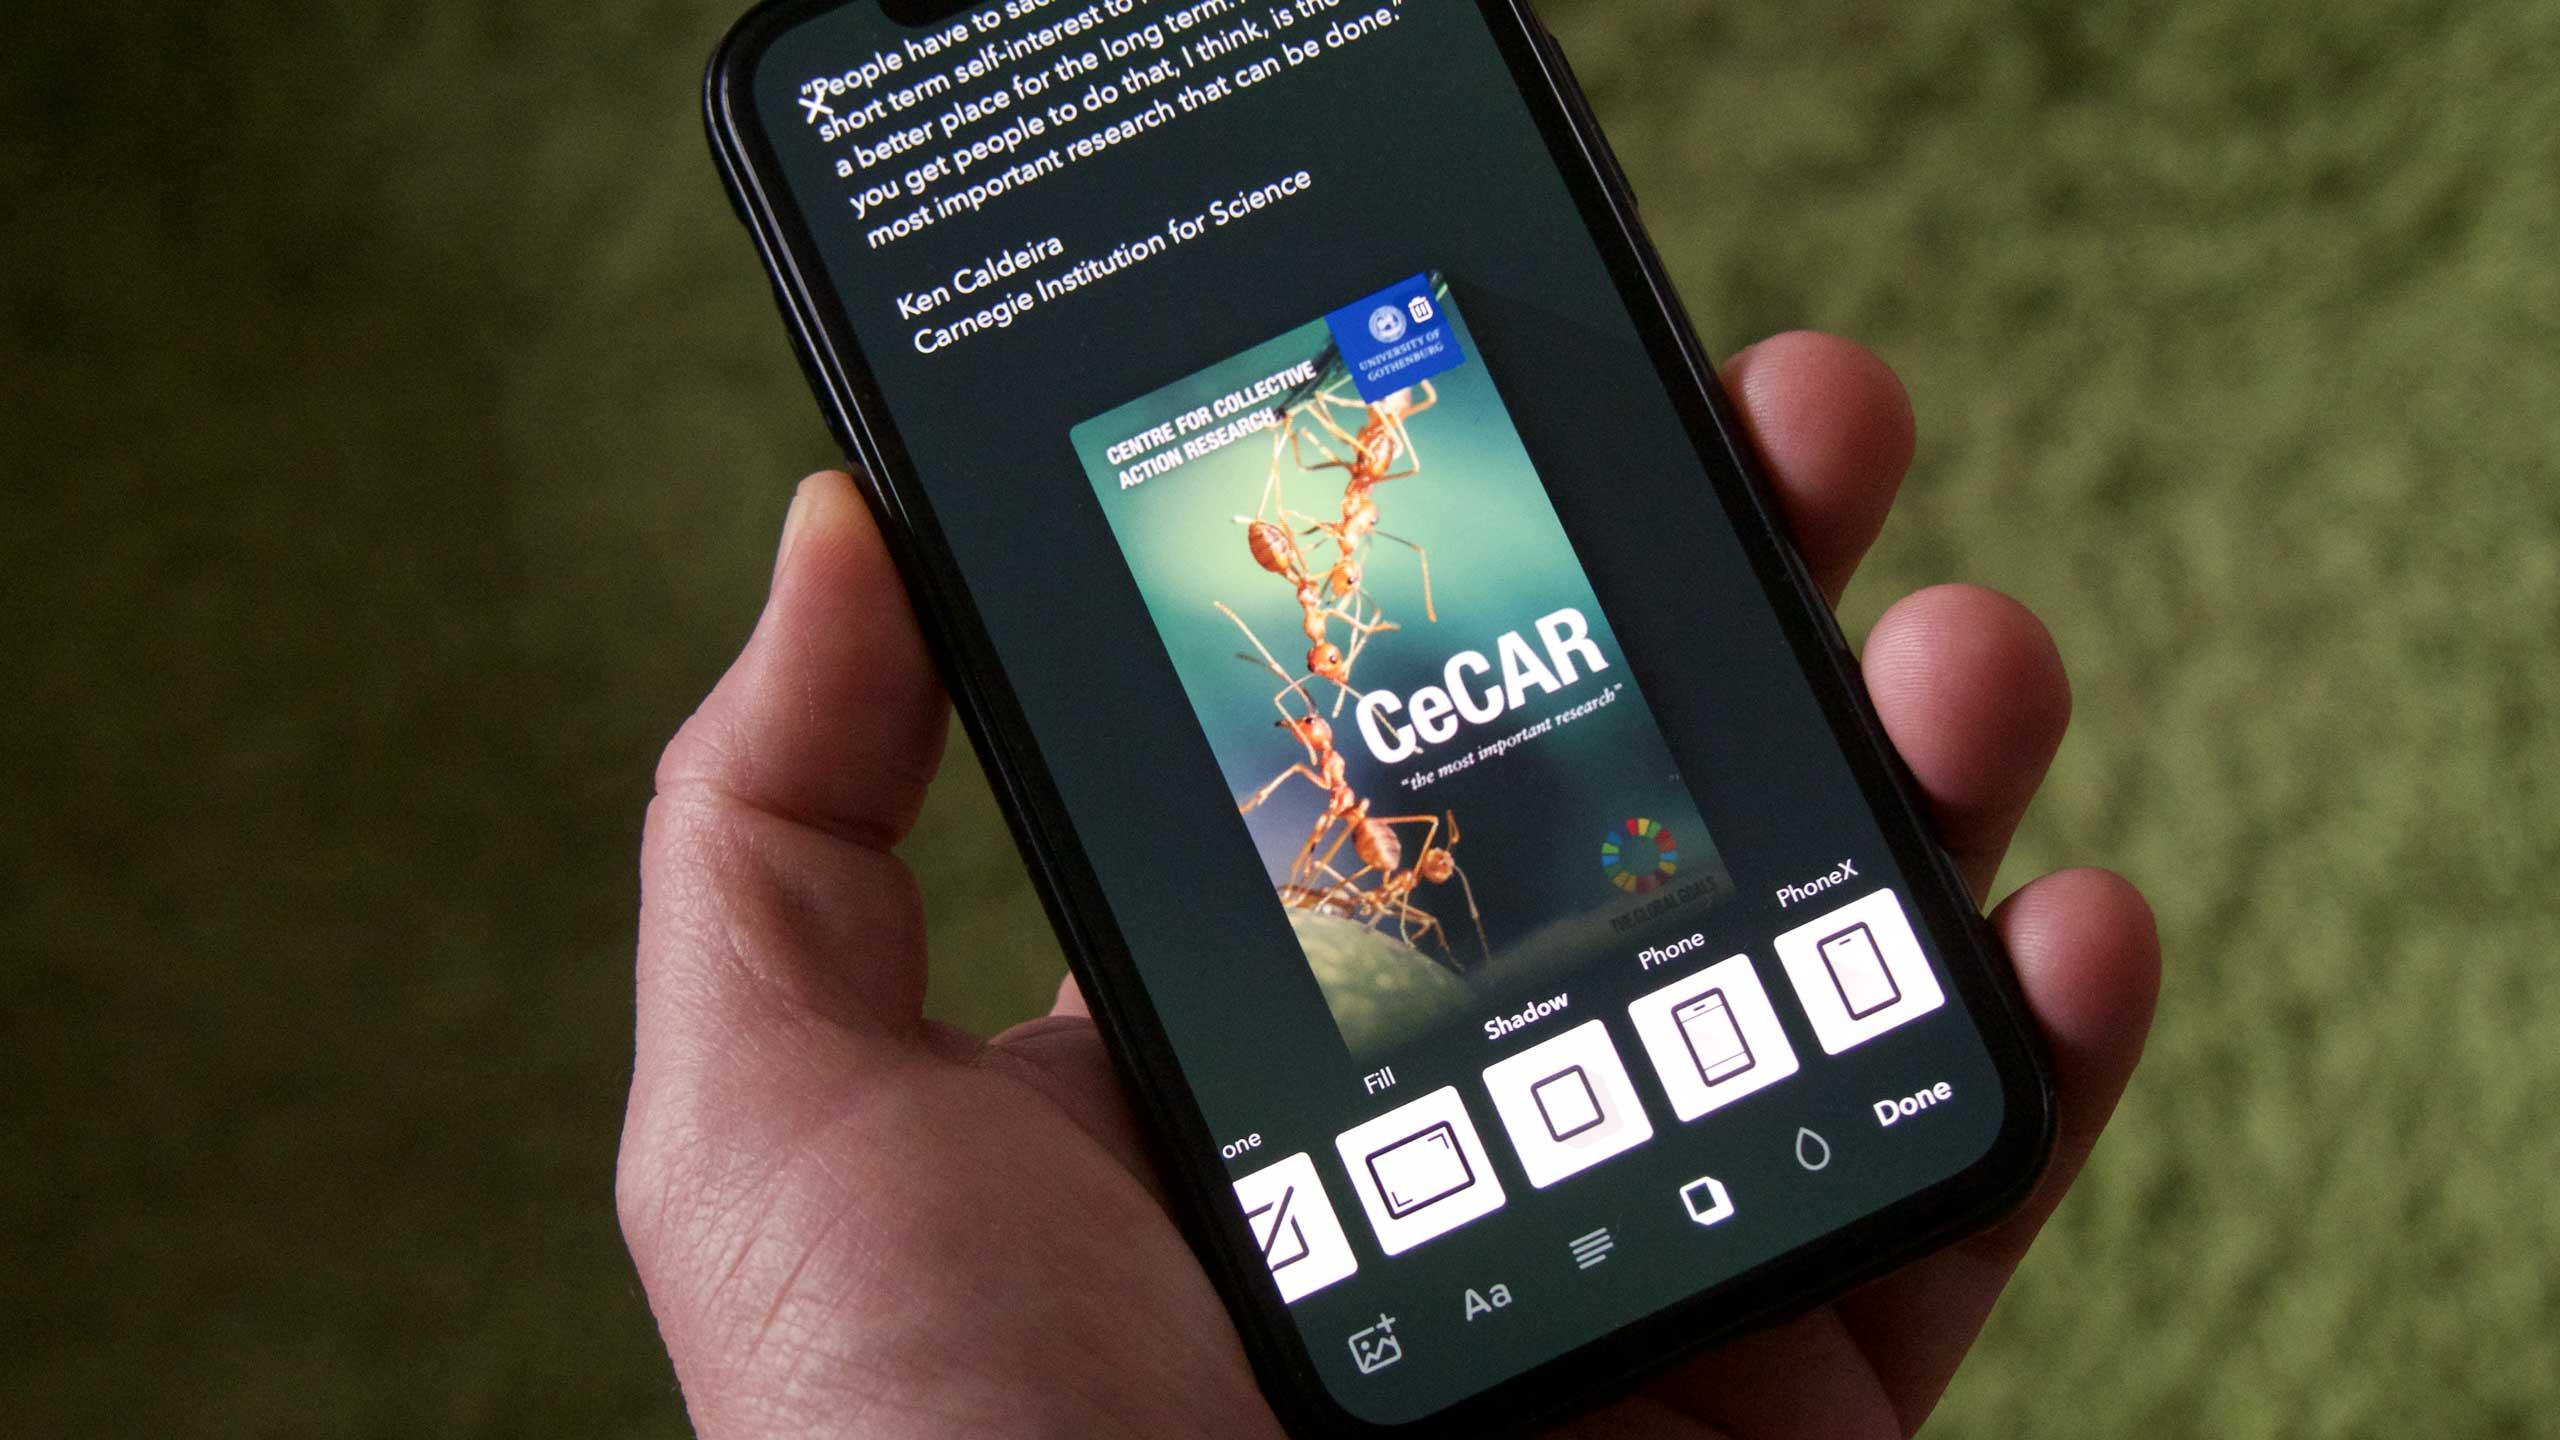 Paiste, en presentationsapp för iPhone X m fl. Superenkel och därför också mycket begränsad, på ett rätt bra sätt. Läs Tutmans sammanfattning!